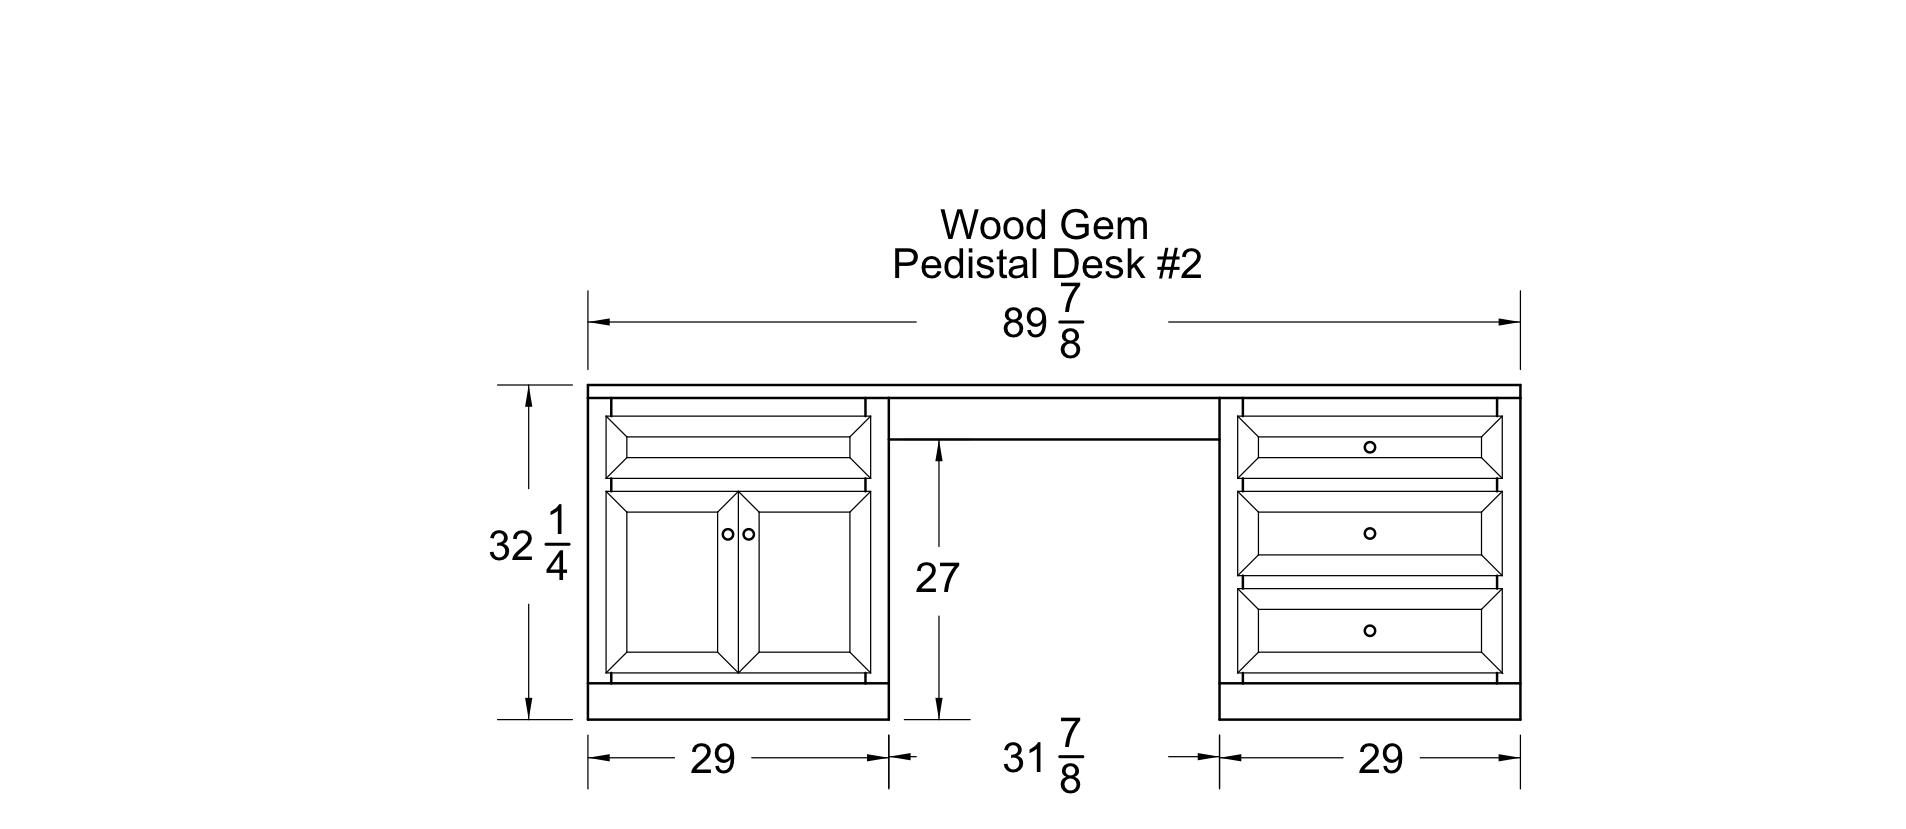 Pedistal Desk #2.png